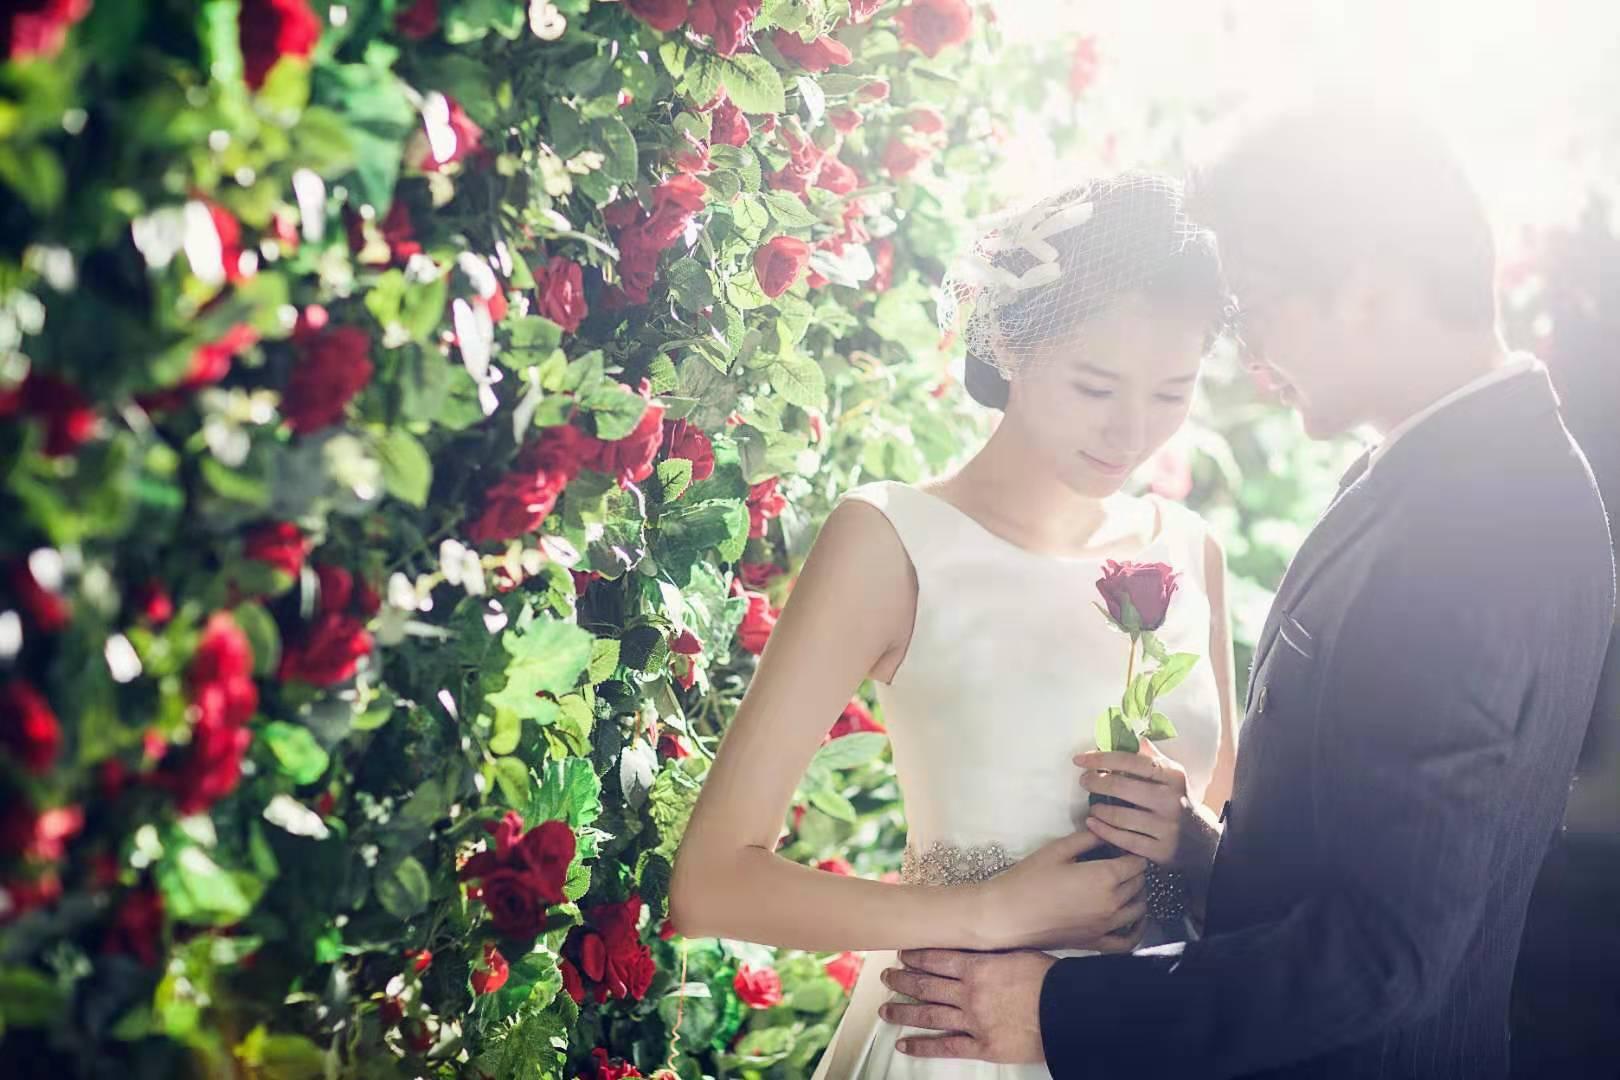 滁州市东方餐饮订婚宴上怎么敬酒